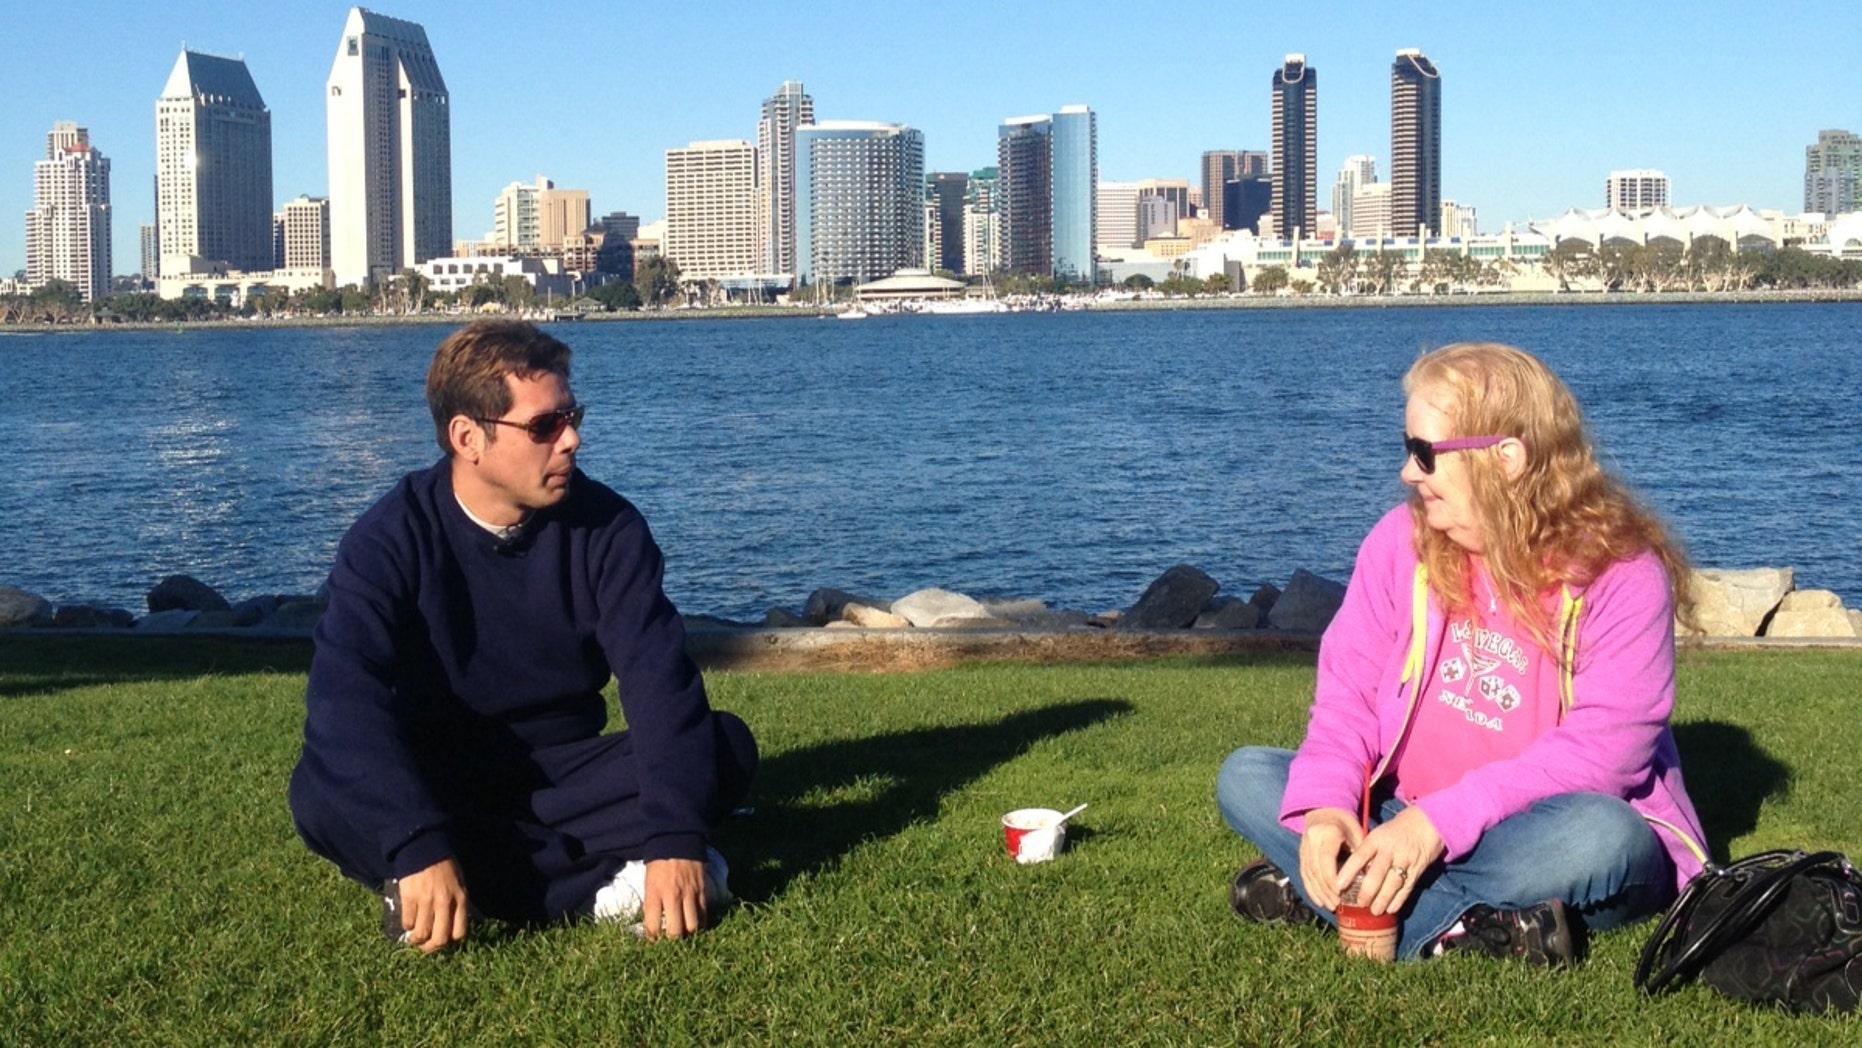 David Amaya Barrick and Kathy Amaya getting to know each other on Coronado Island in San Diego, Nov. 25, 2013. Photo by Freddy Rivas.